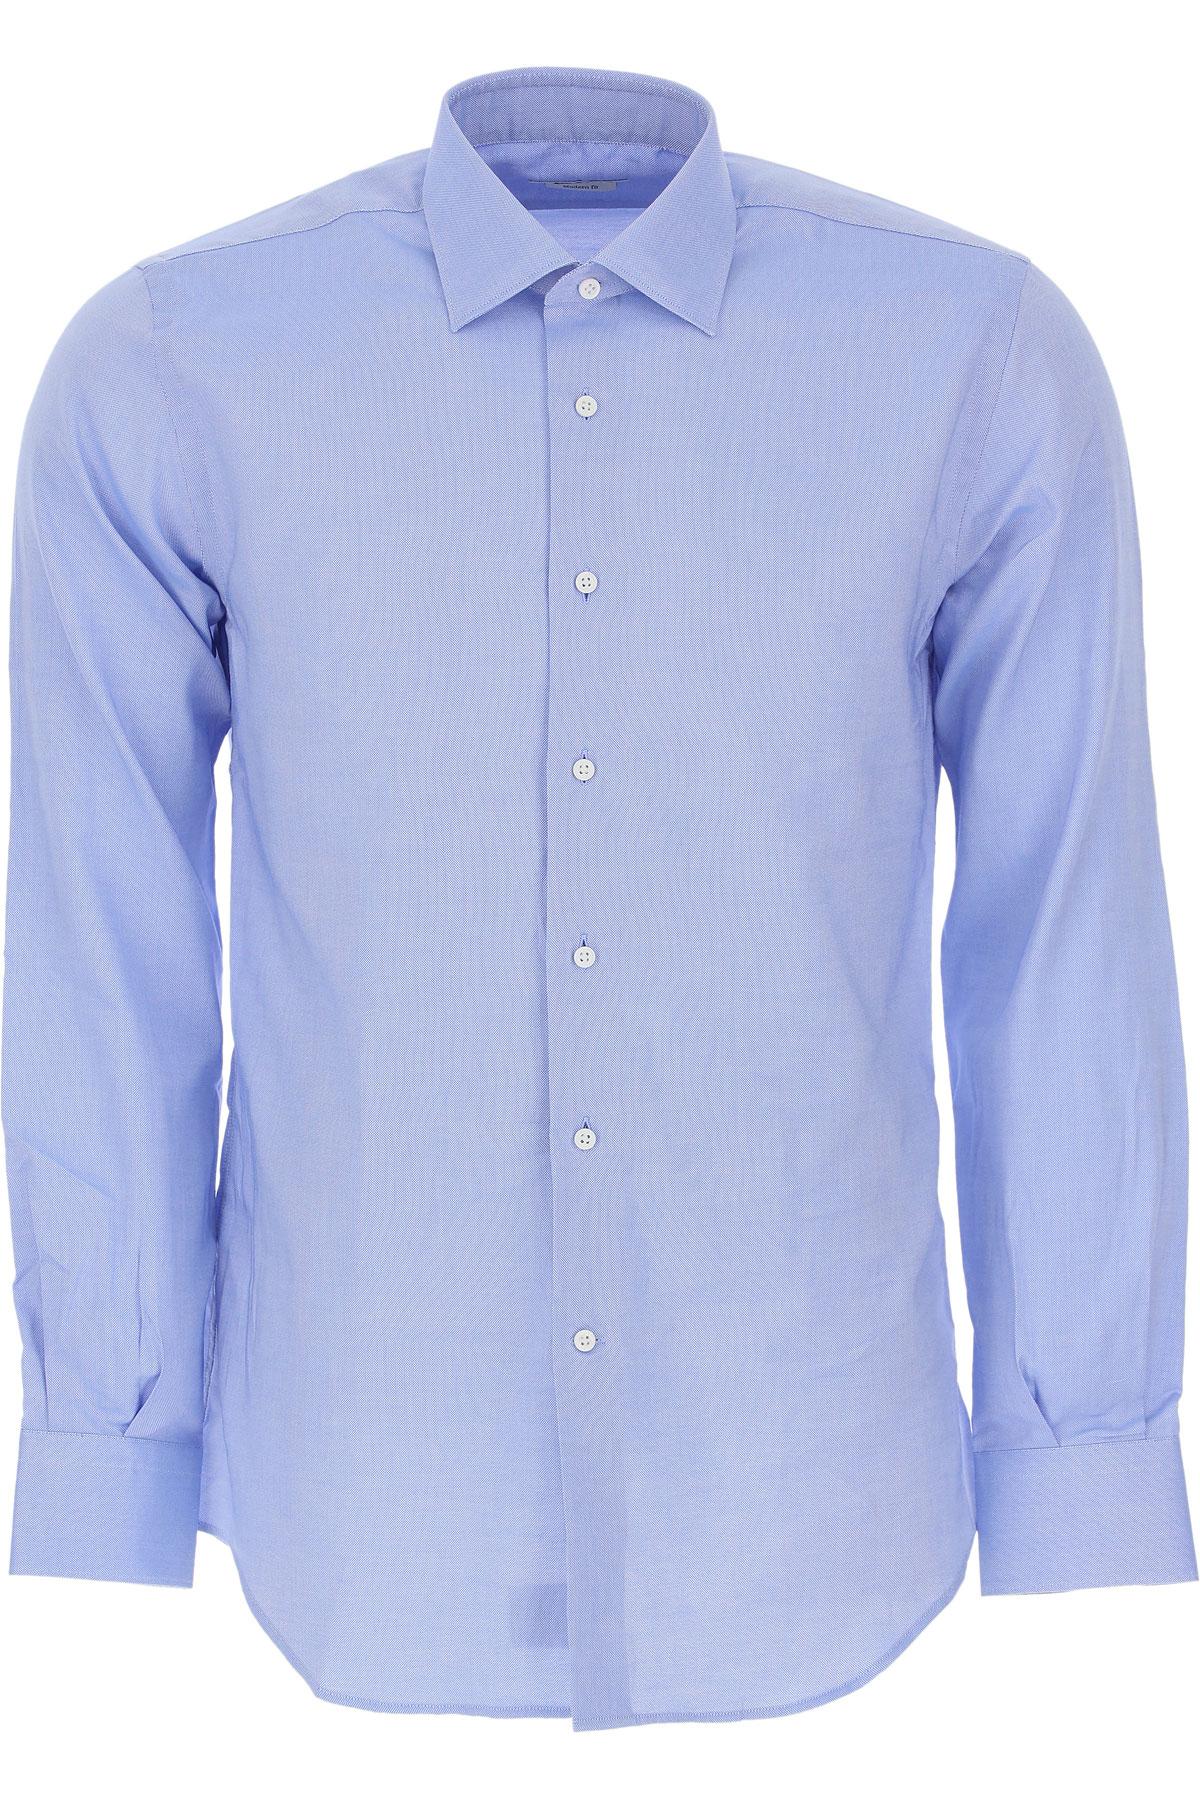 Del Siena Shirt for Men On Sale, Azure, Cotton, 2019, 15.5 15.75 17.5